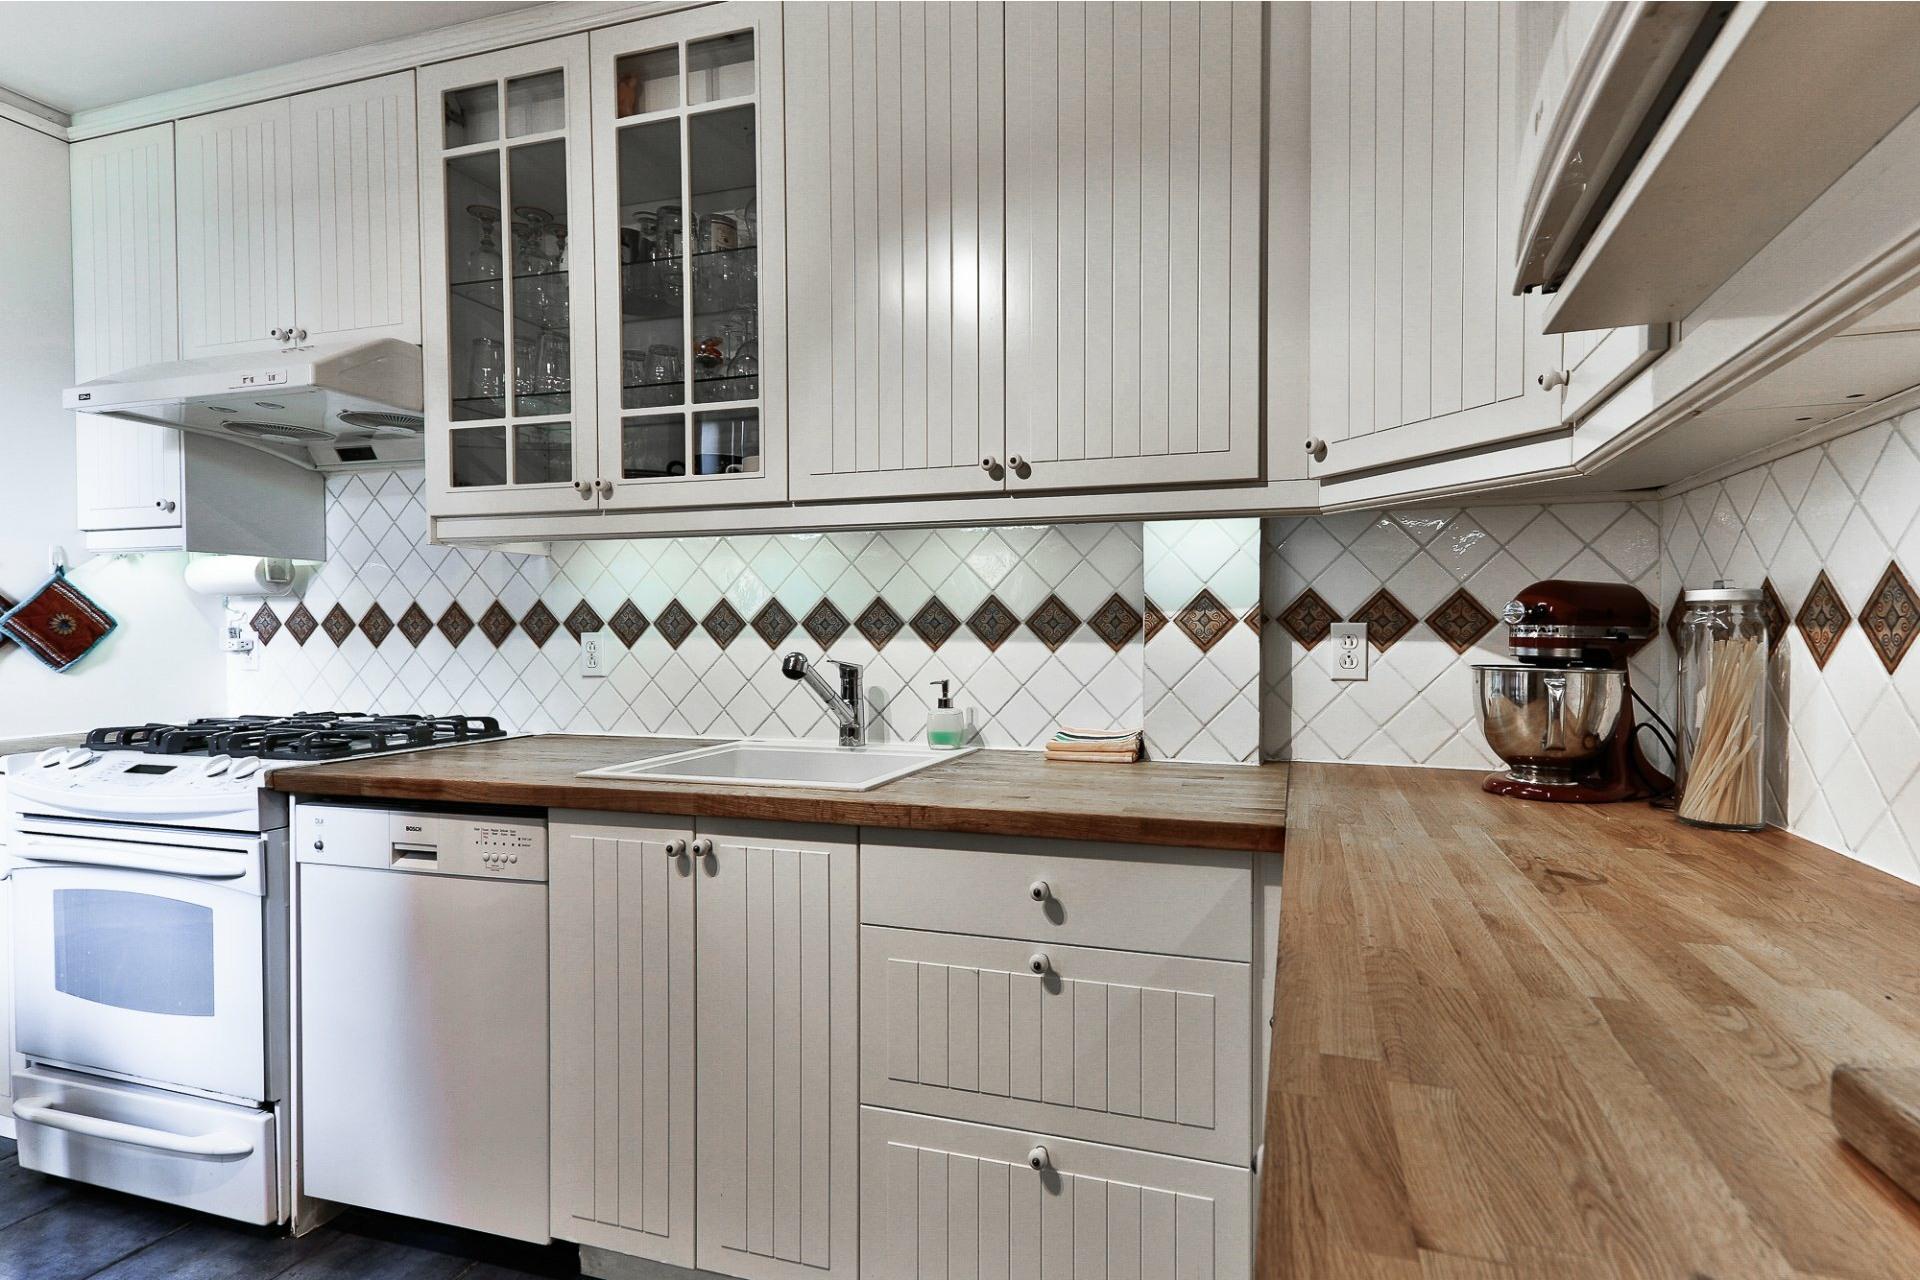 image 16 - Appartement À vendre Le Plateau-Mont-Royal Montréal  - 7 pièces